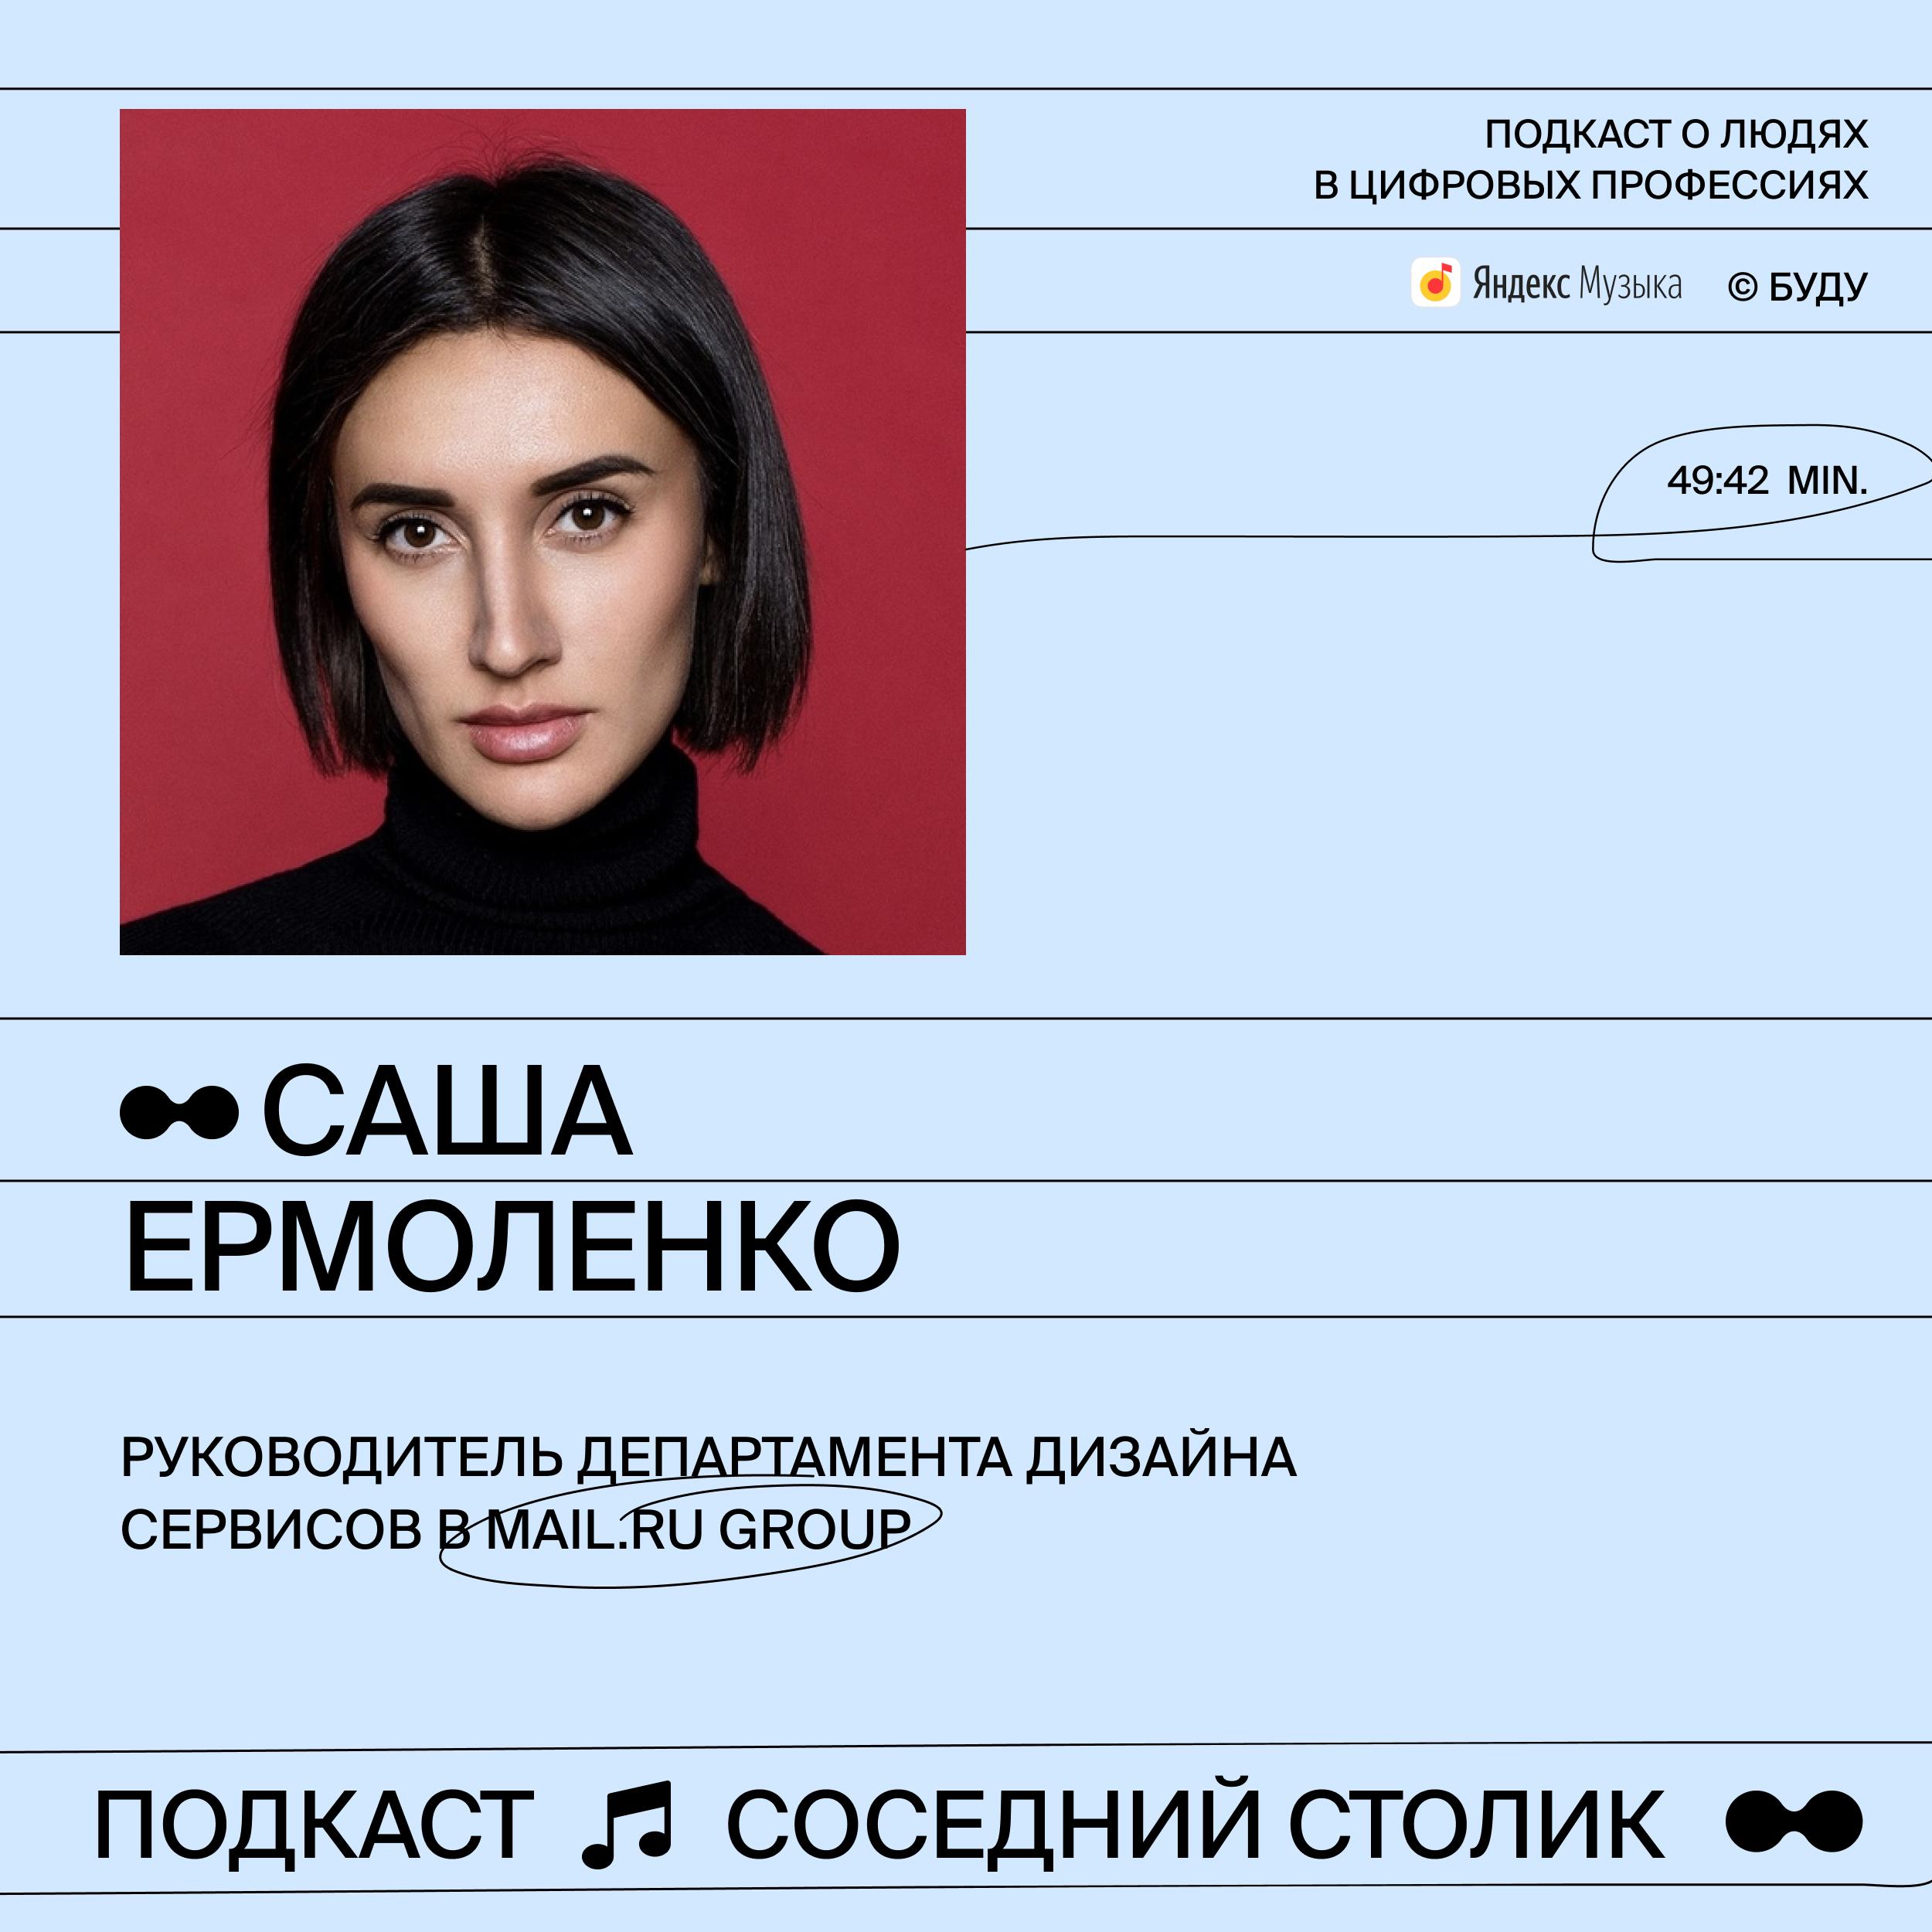 Саша Ермоленко, Mail.ru: дизайн в Mail, образование в дизайне, первая работа